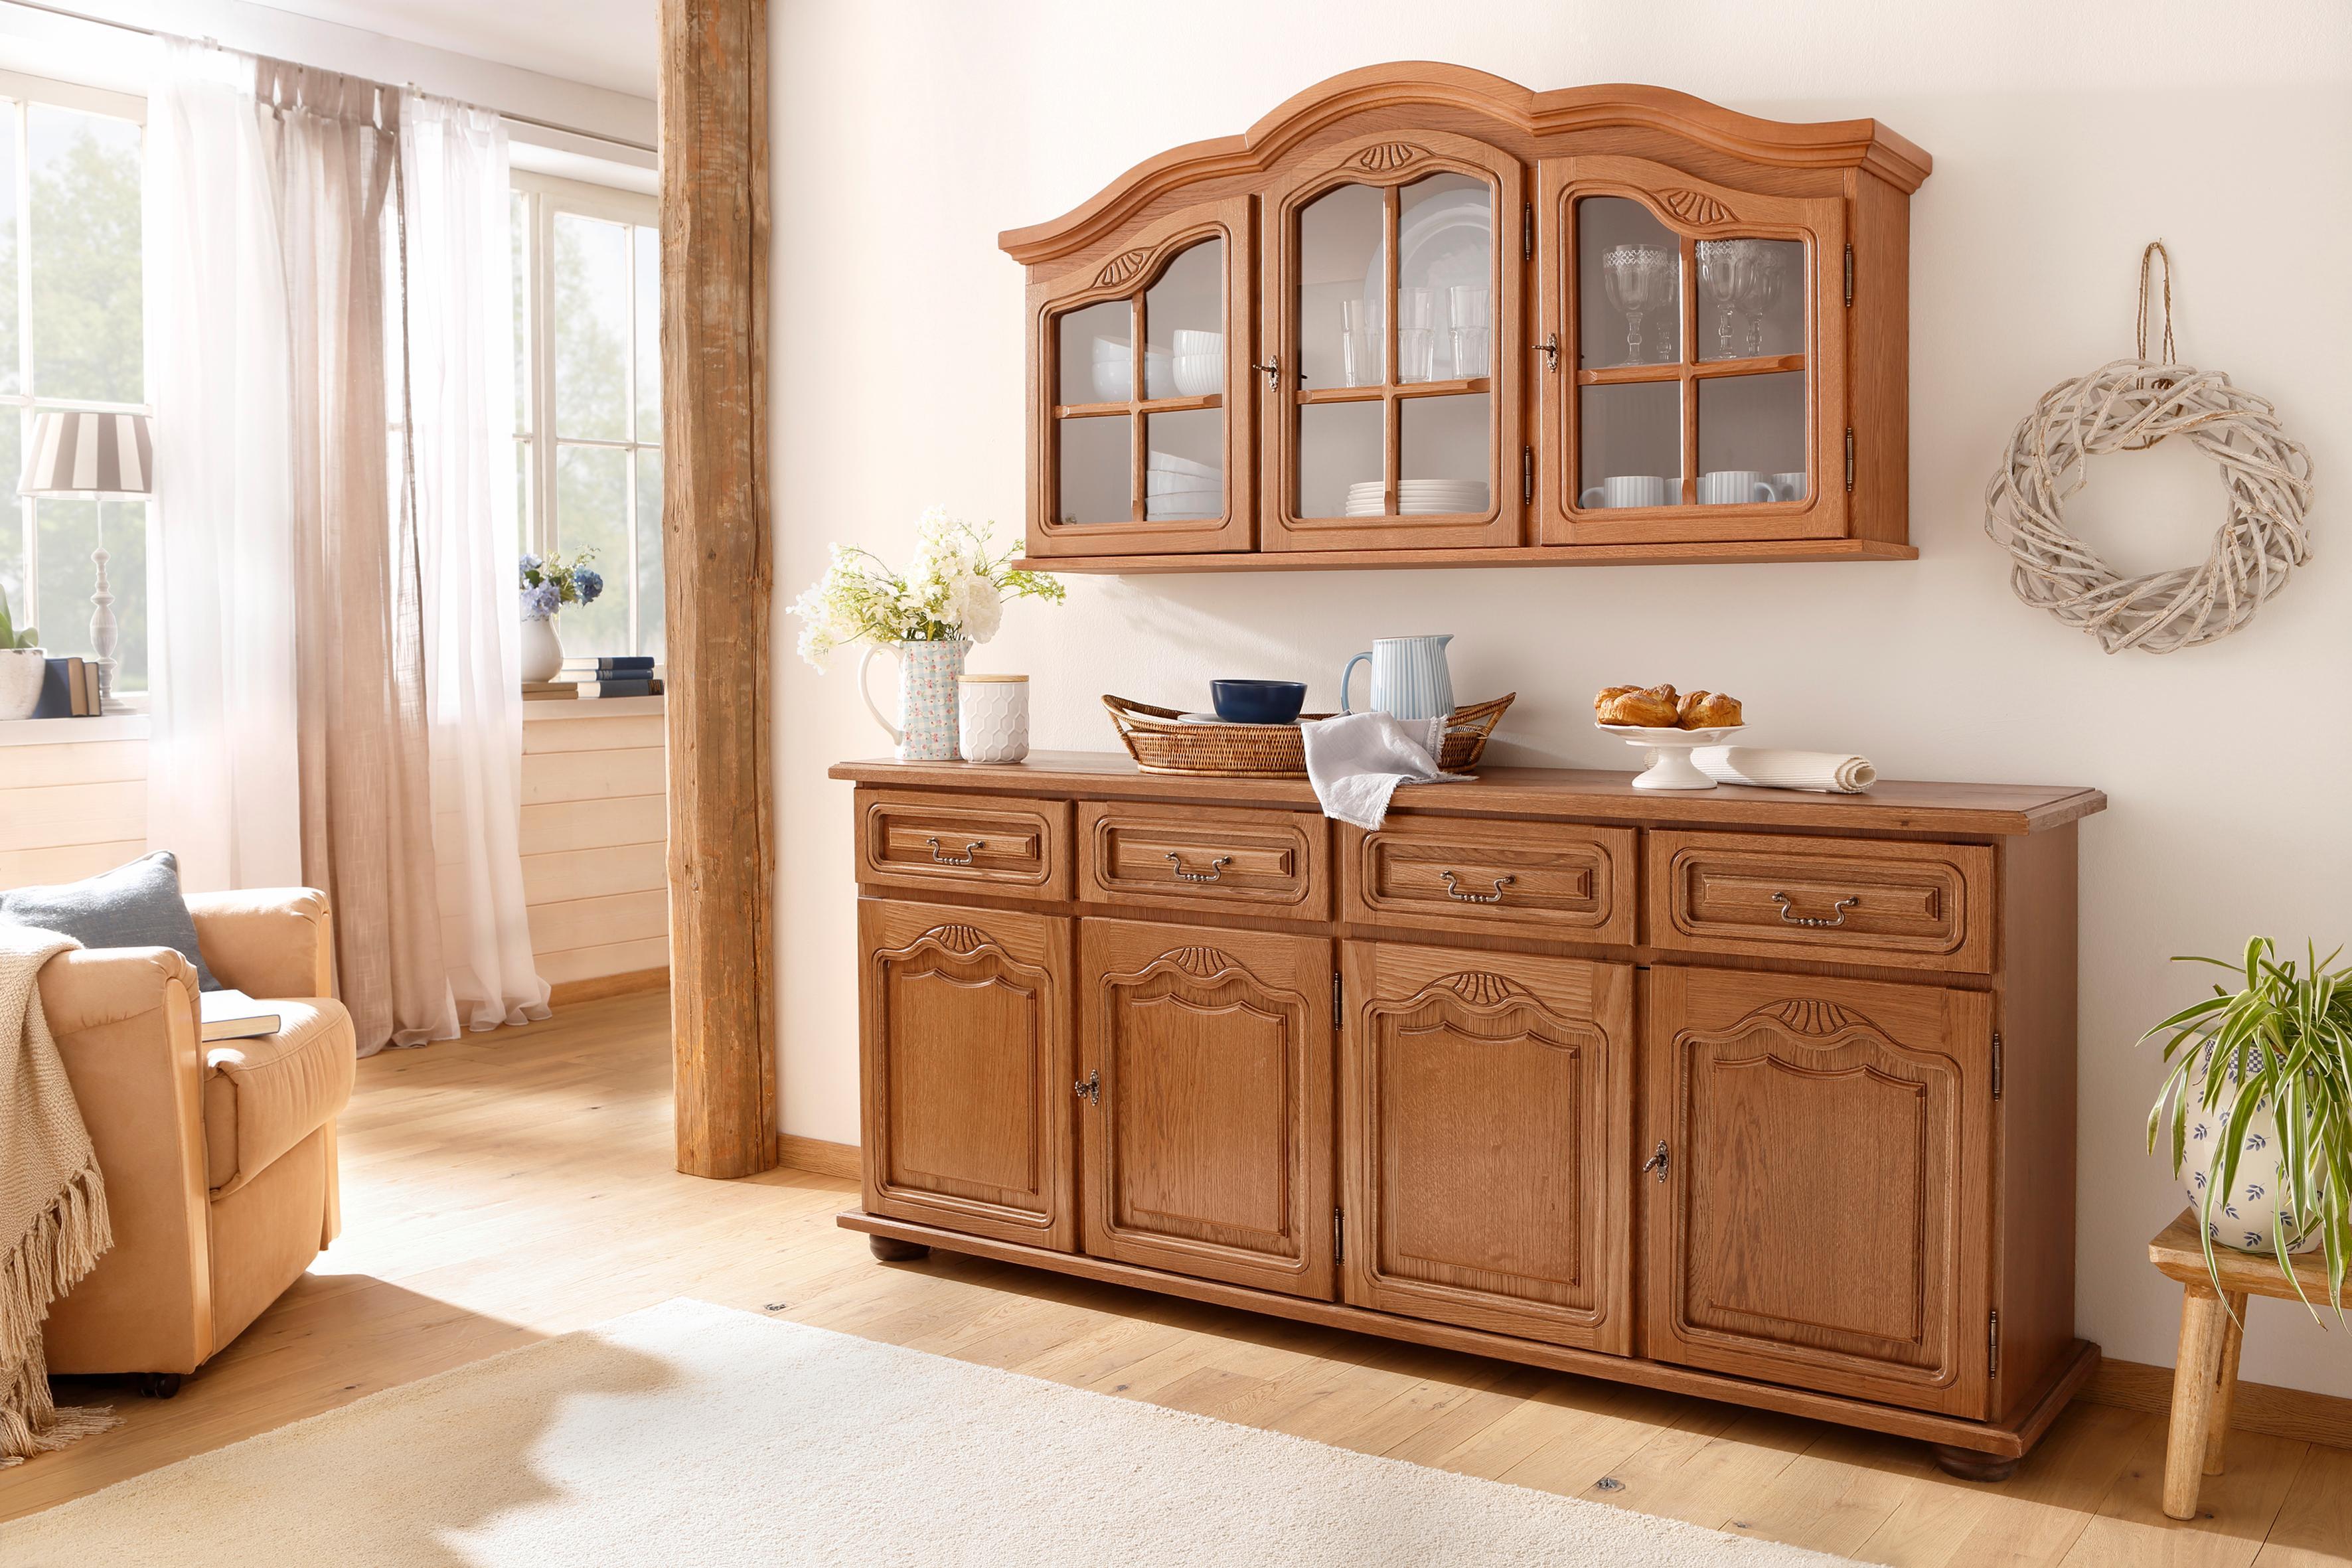 Home affaire Sideboard 4trg. »Hans«, Breite 182 cm, im rustikalen Landhausstil